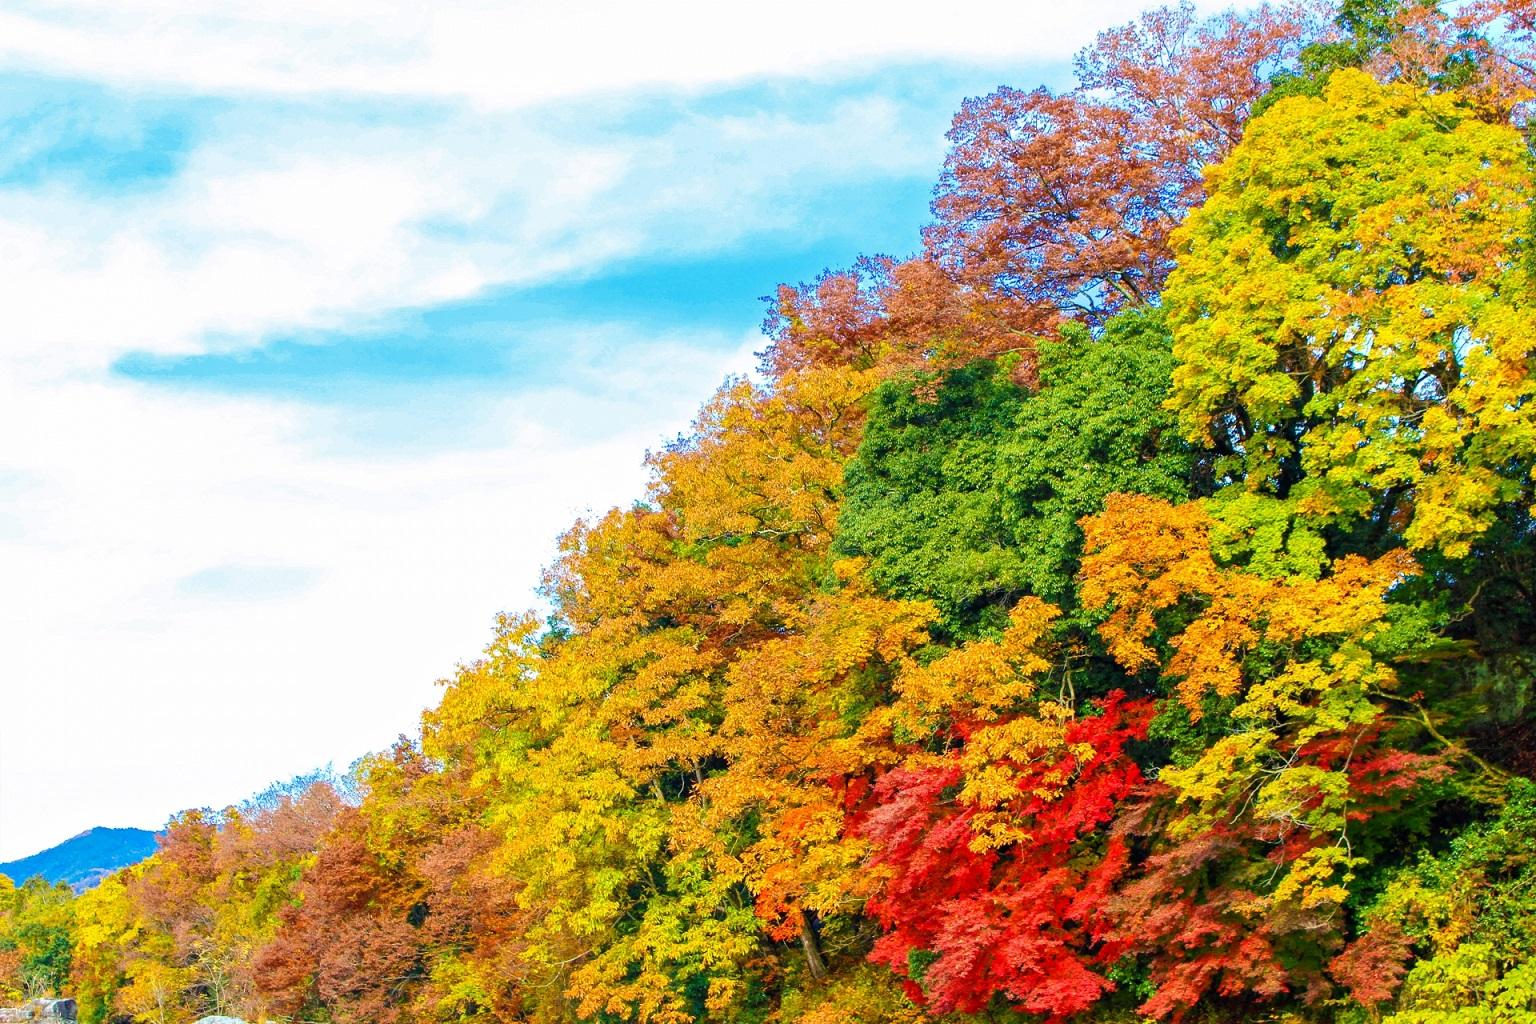 城ヶ倉大橋からの絶景がおすすめ!紅葉が人気スポットの見どころ紹介!